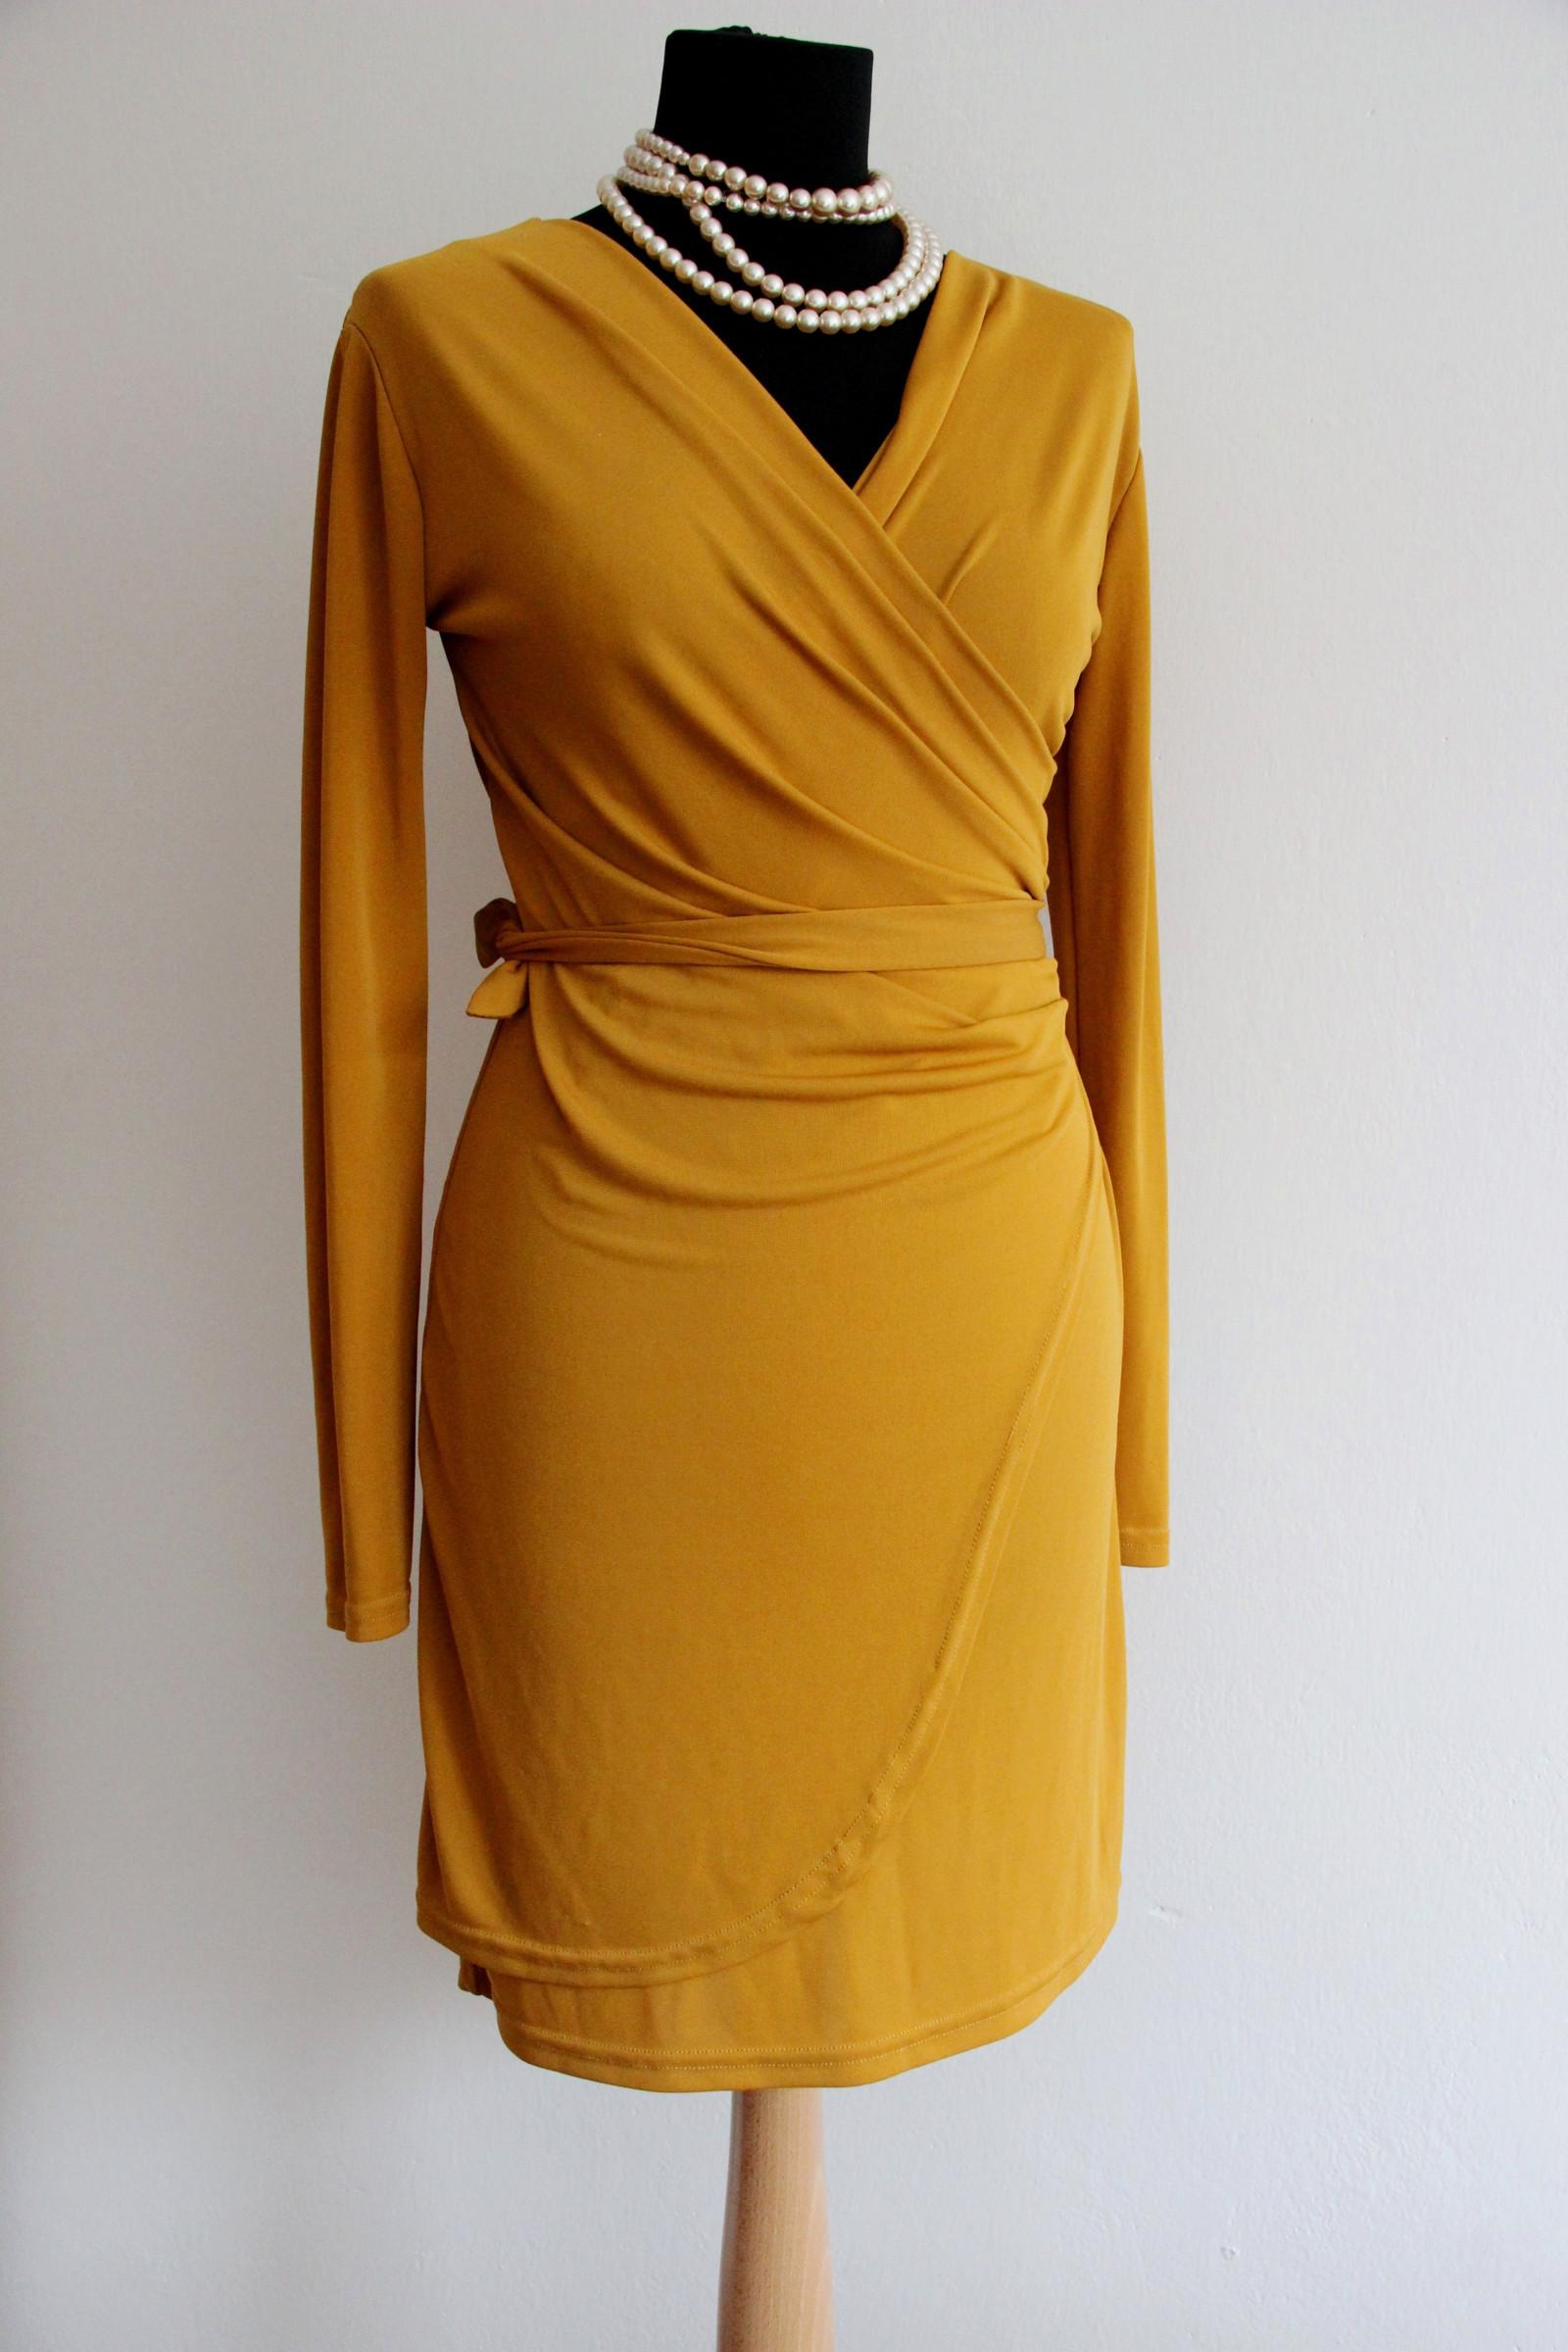 Elegantní chic šaty barvy hořčice   Zboží prodejce Madame Chic Styl ... 5bdfaa1ded